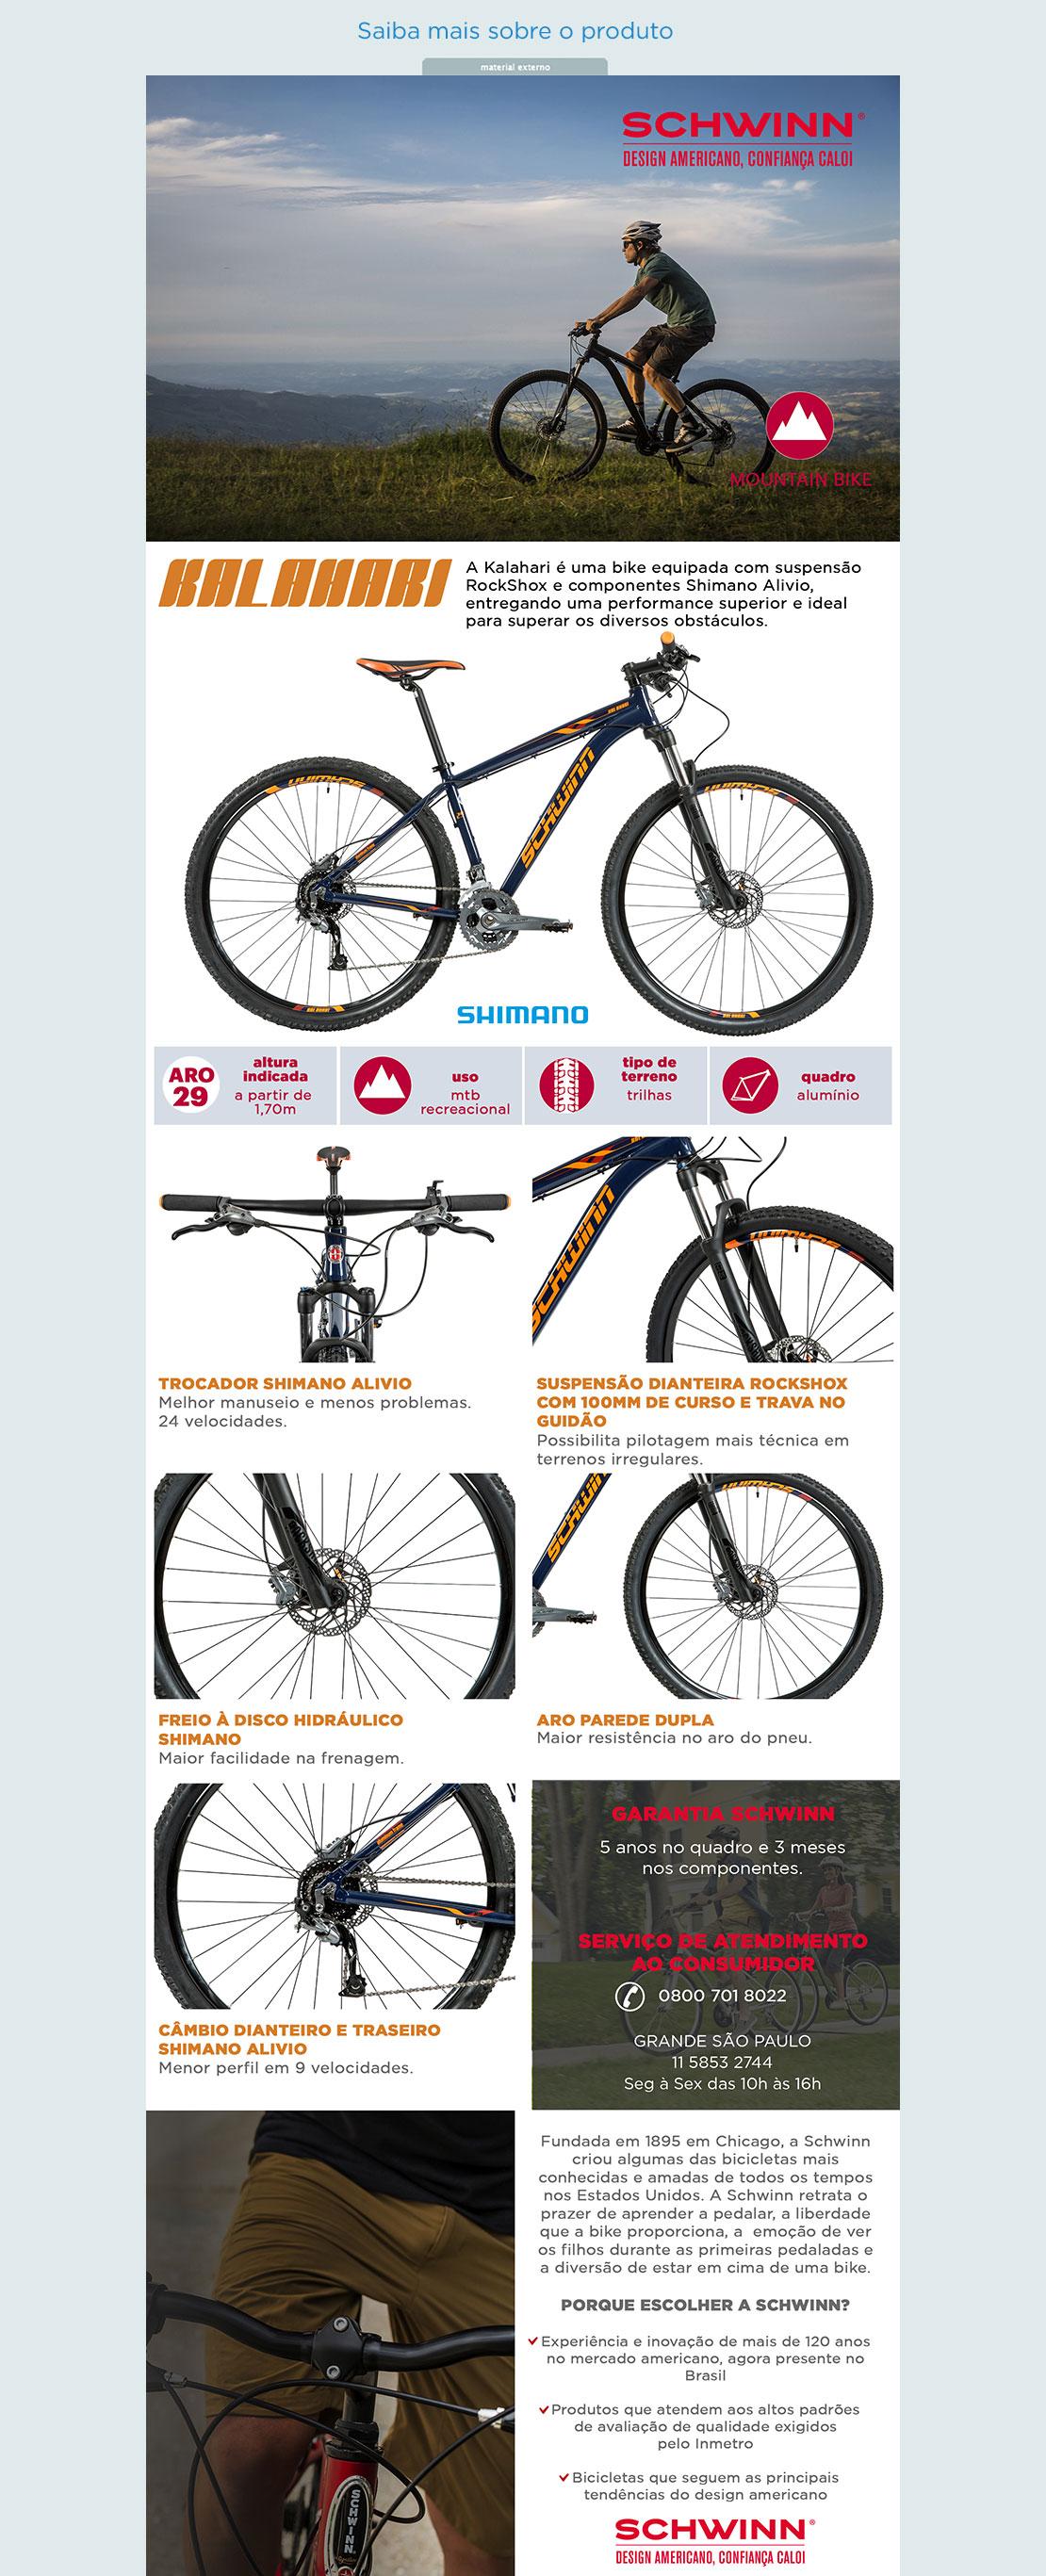 53401e7e4 Bicicleta Caloi Schwinn Kalahari T19 Aro 29 - 27 Marchas Suspensão ...